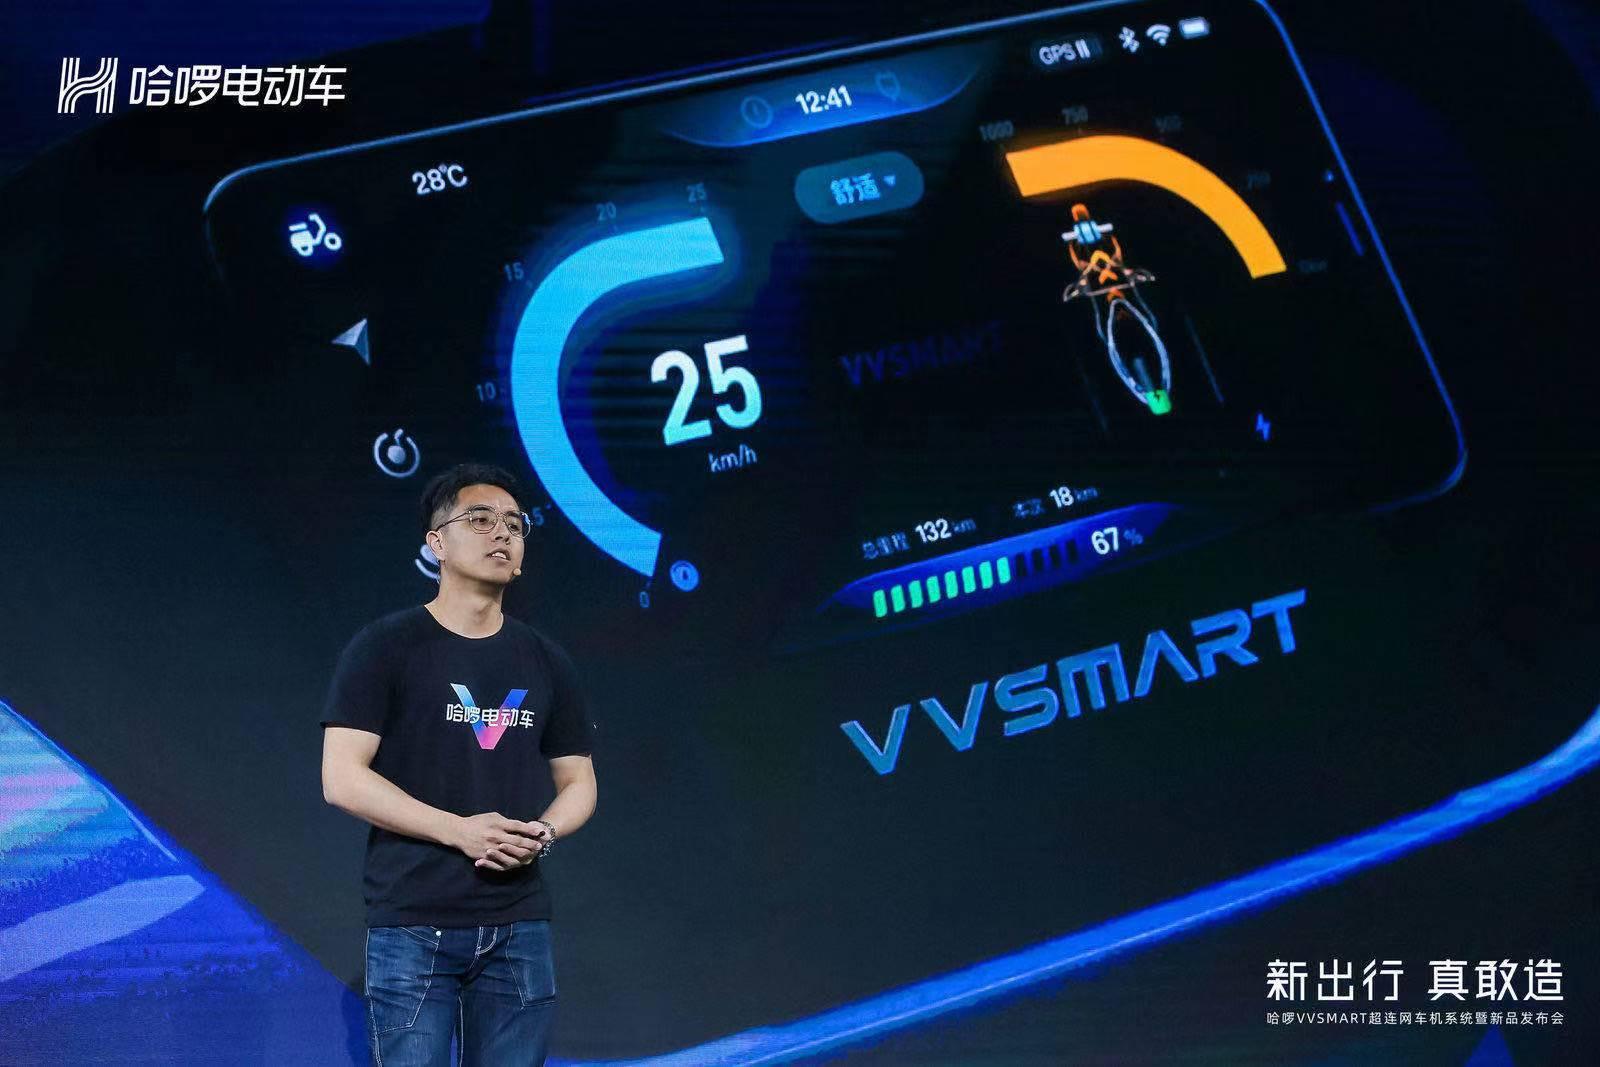 哈啰推出VVSMART两轮电动车:1小时充满电 能跑70公里的照片 - 3